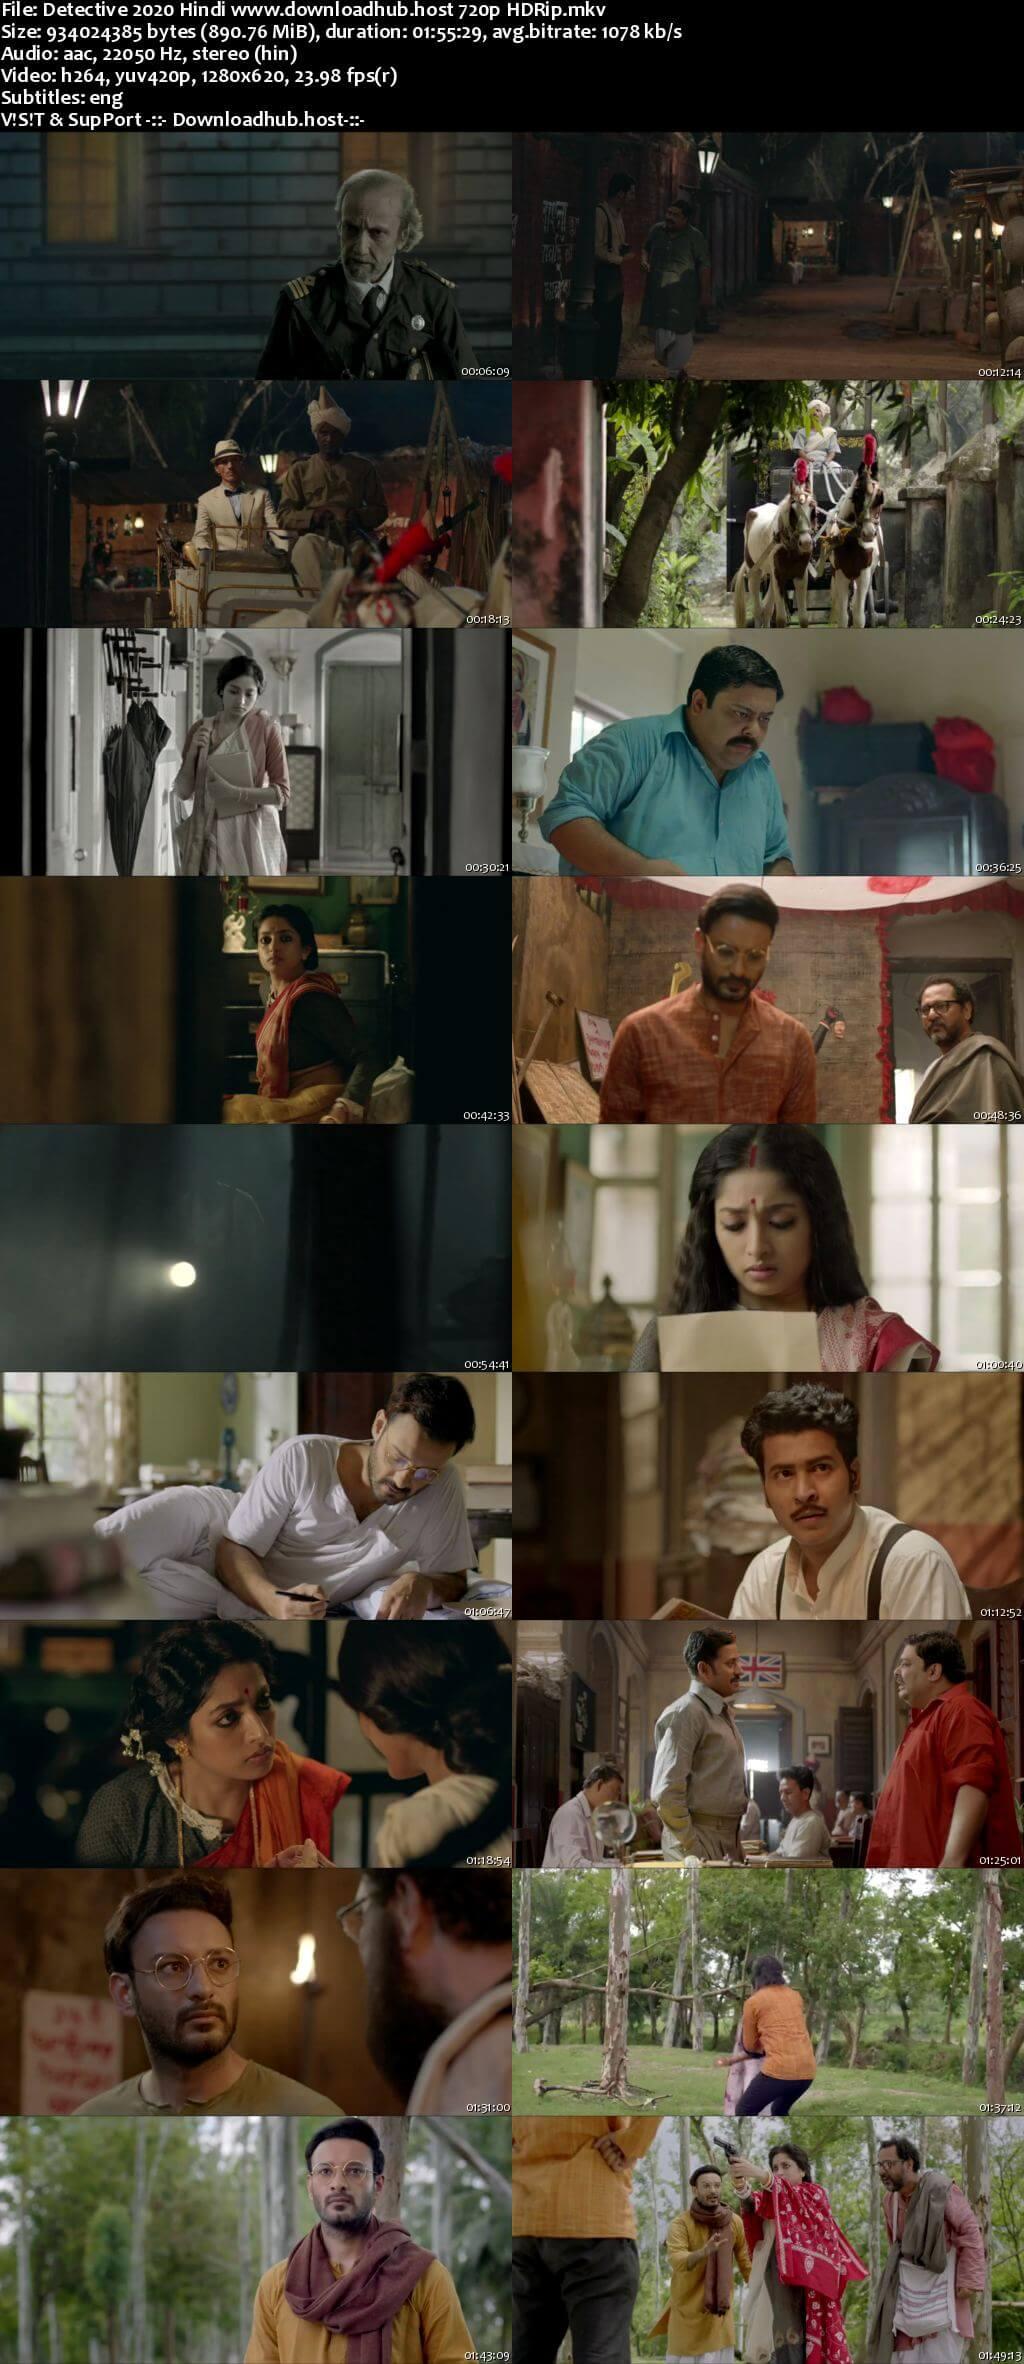 Detective 2020 Hindi 720p HDRip x264